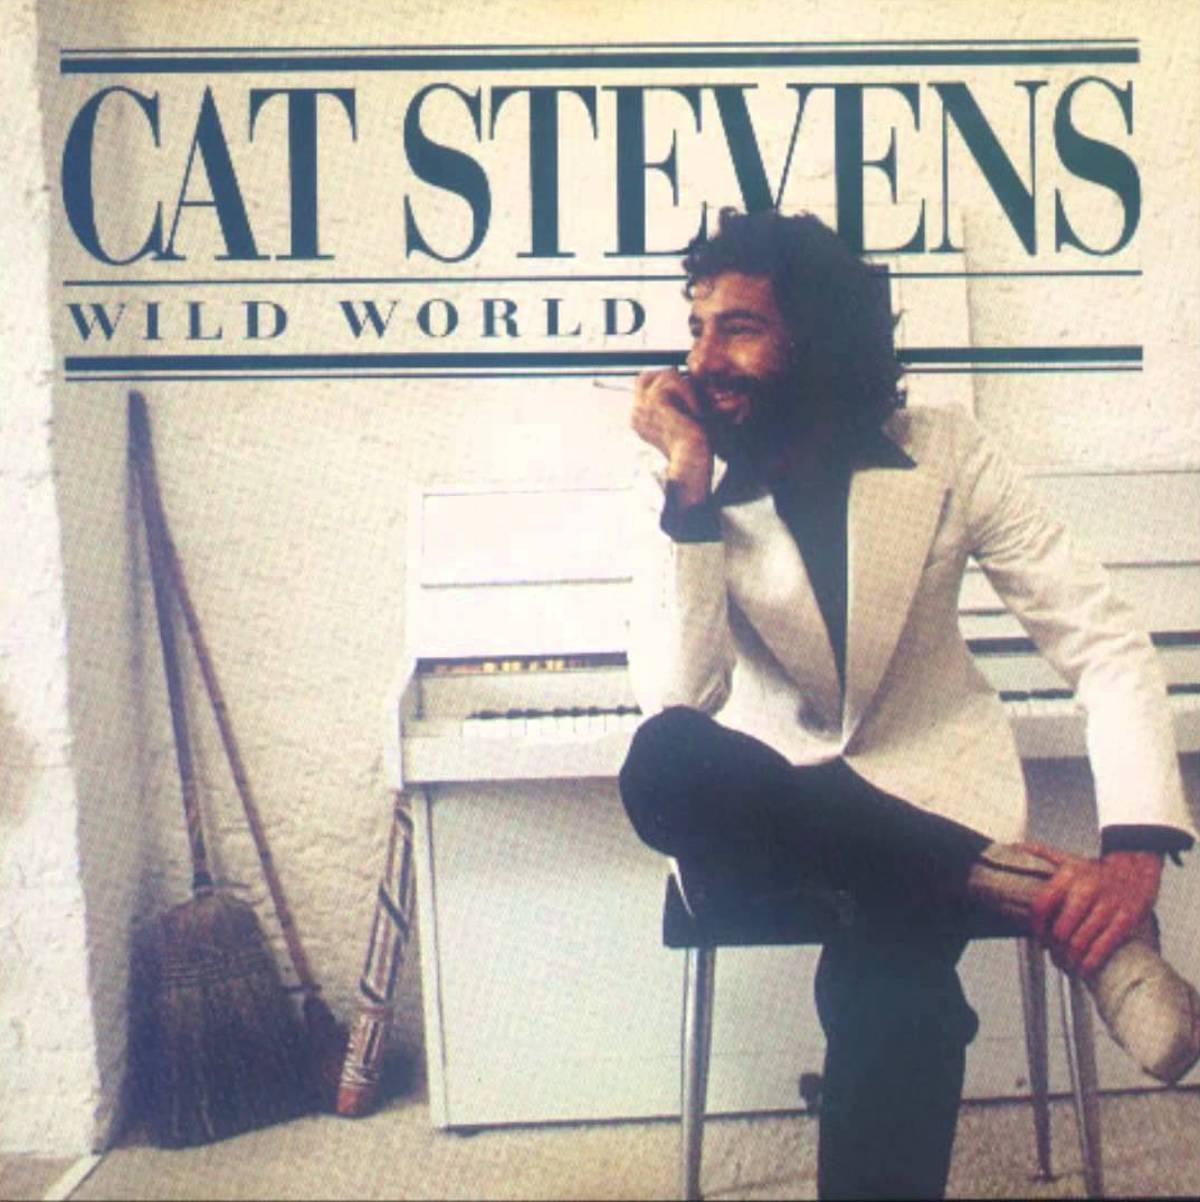 """cat stevens' album cover for """"wild world"""""""